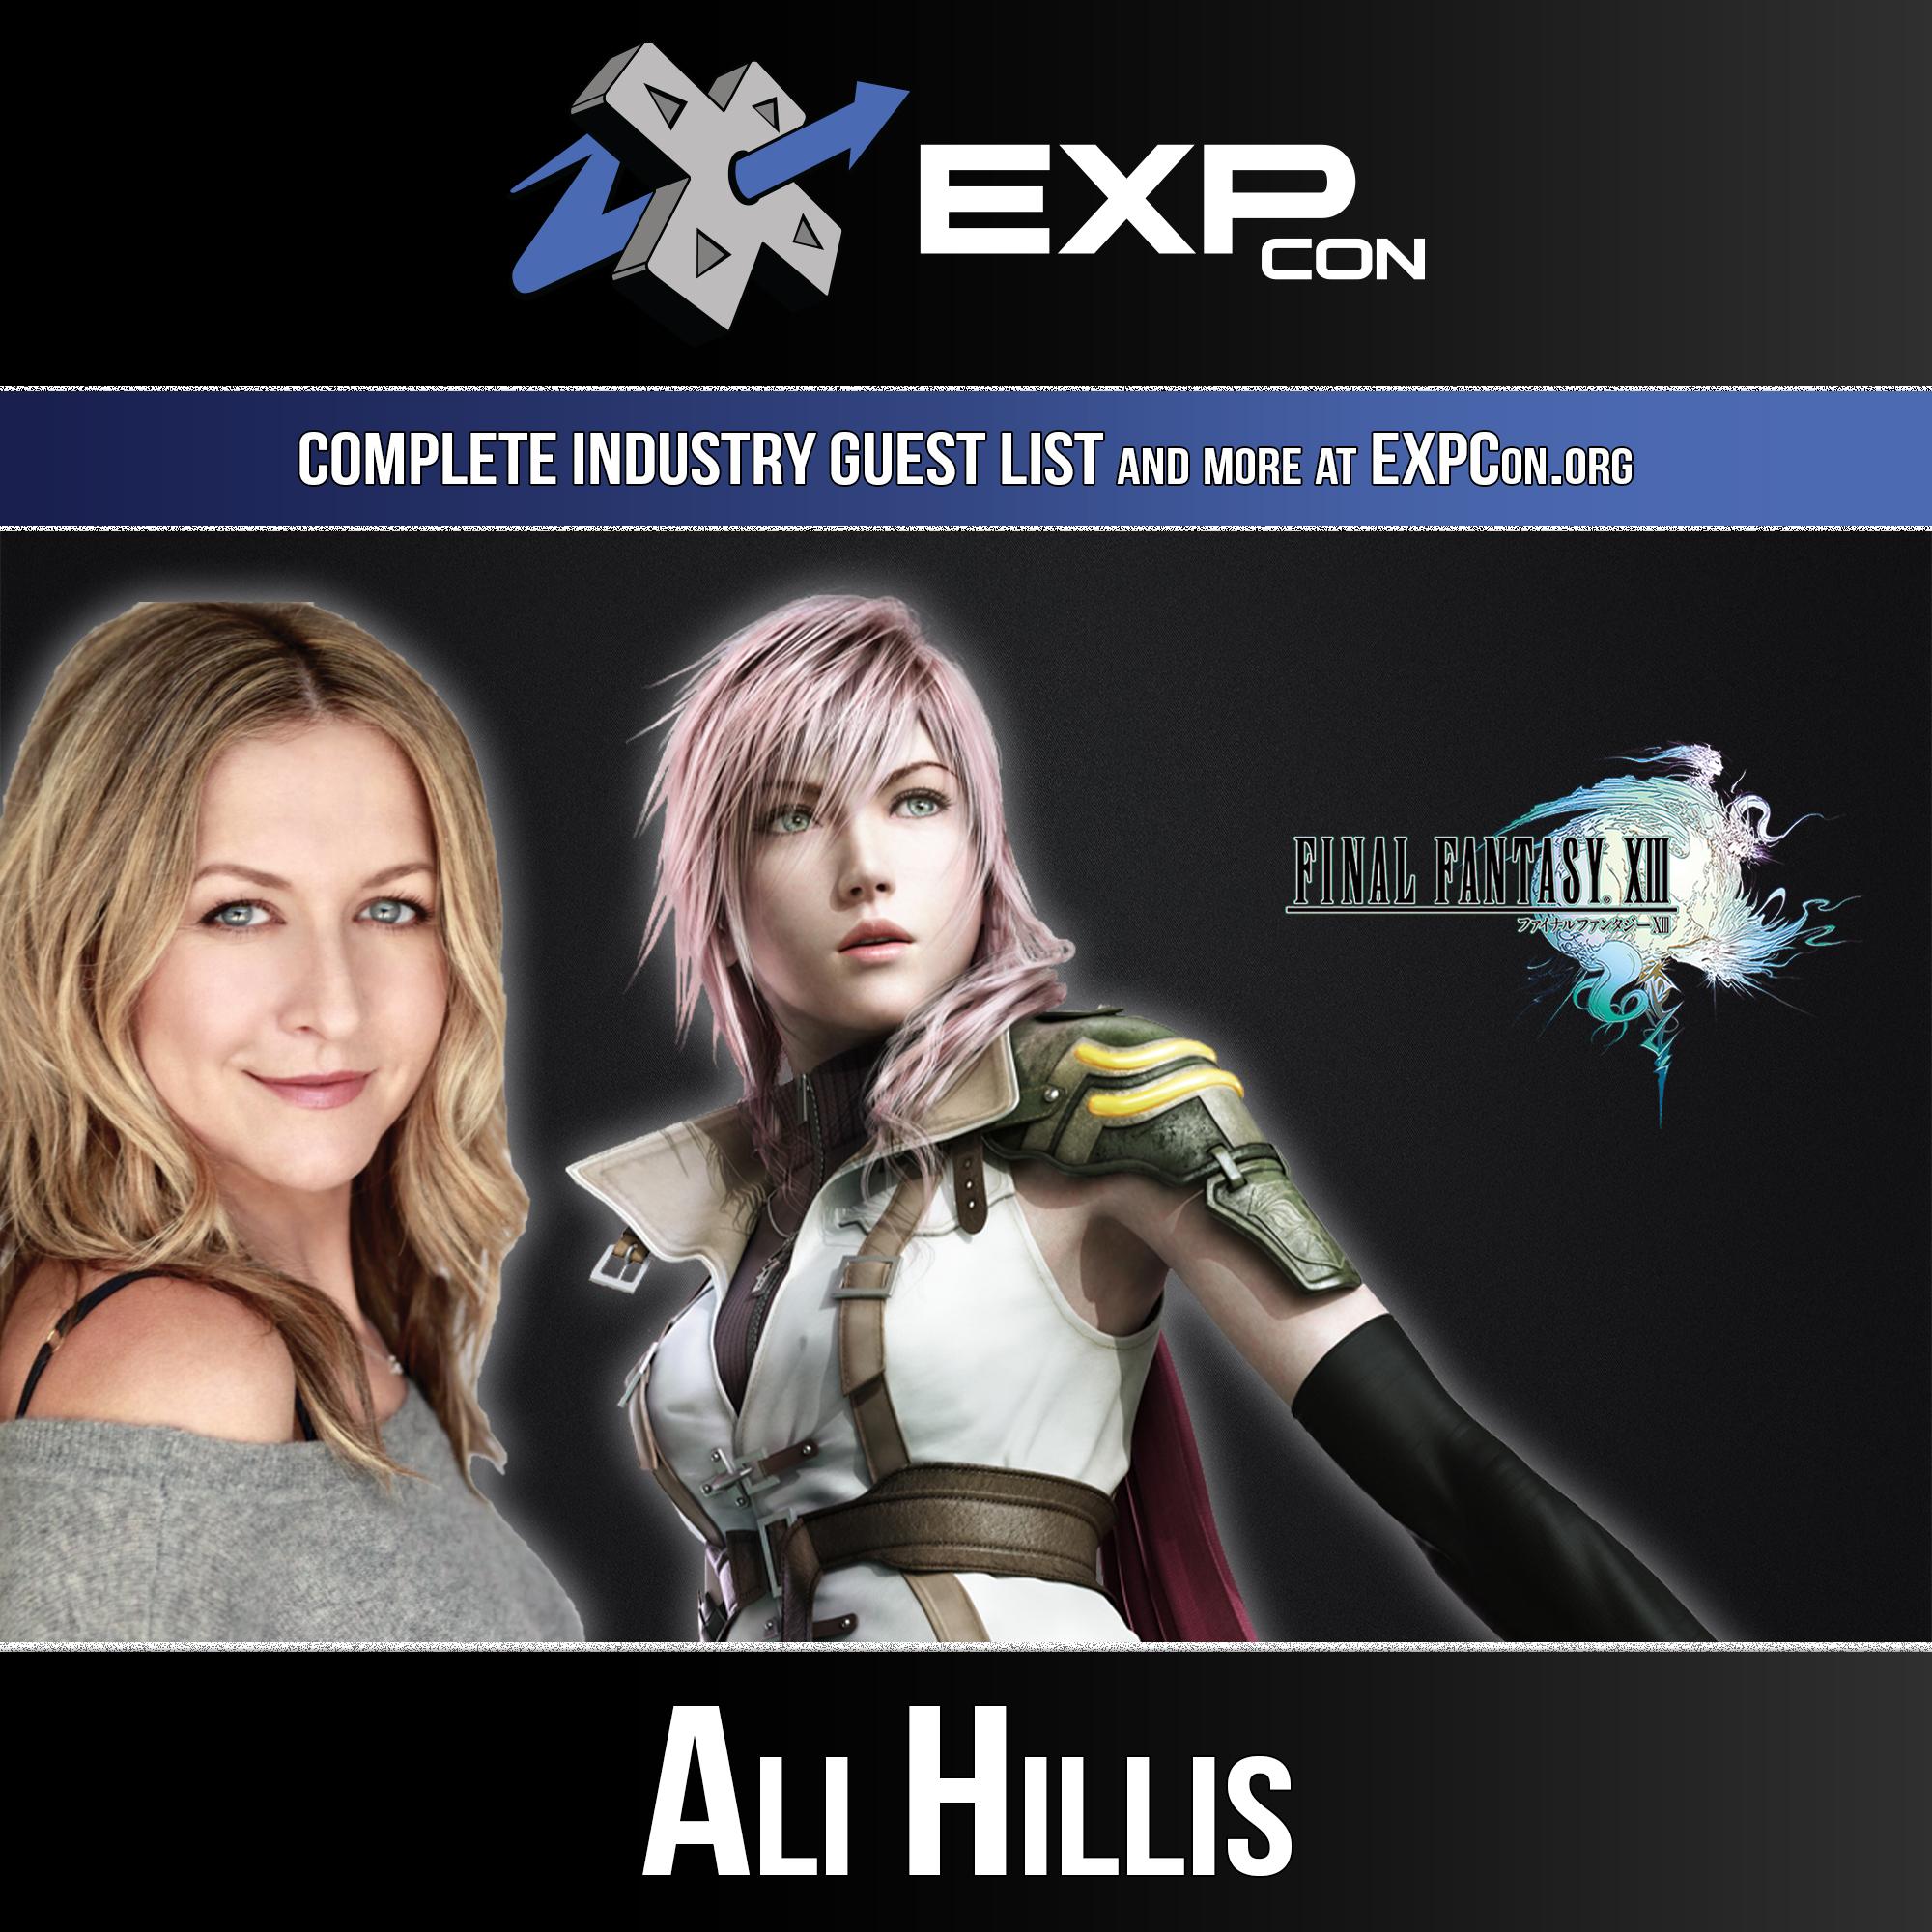 EXP Con 2019 Ali Hillis